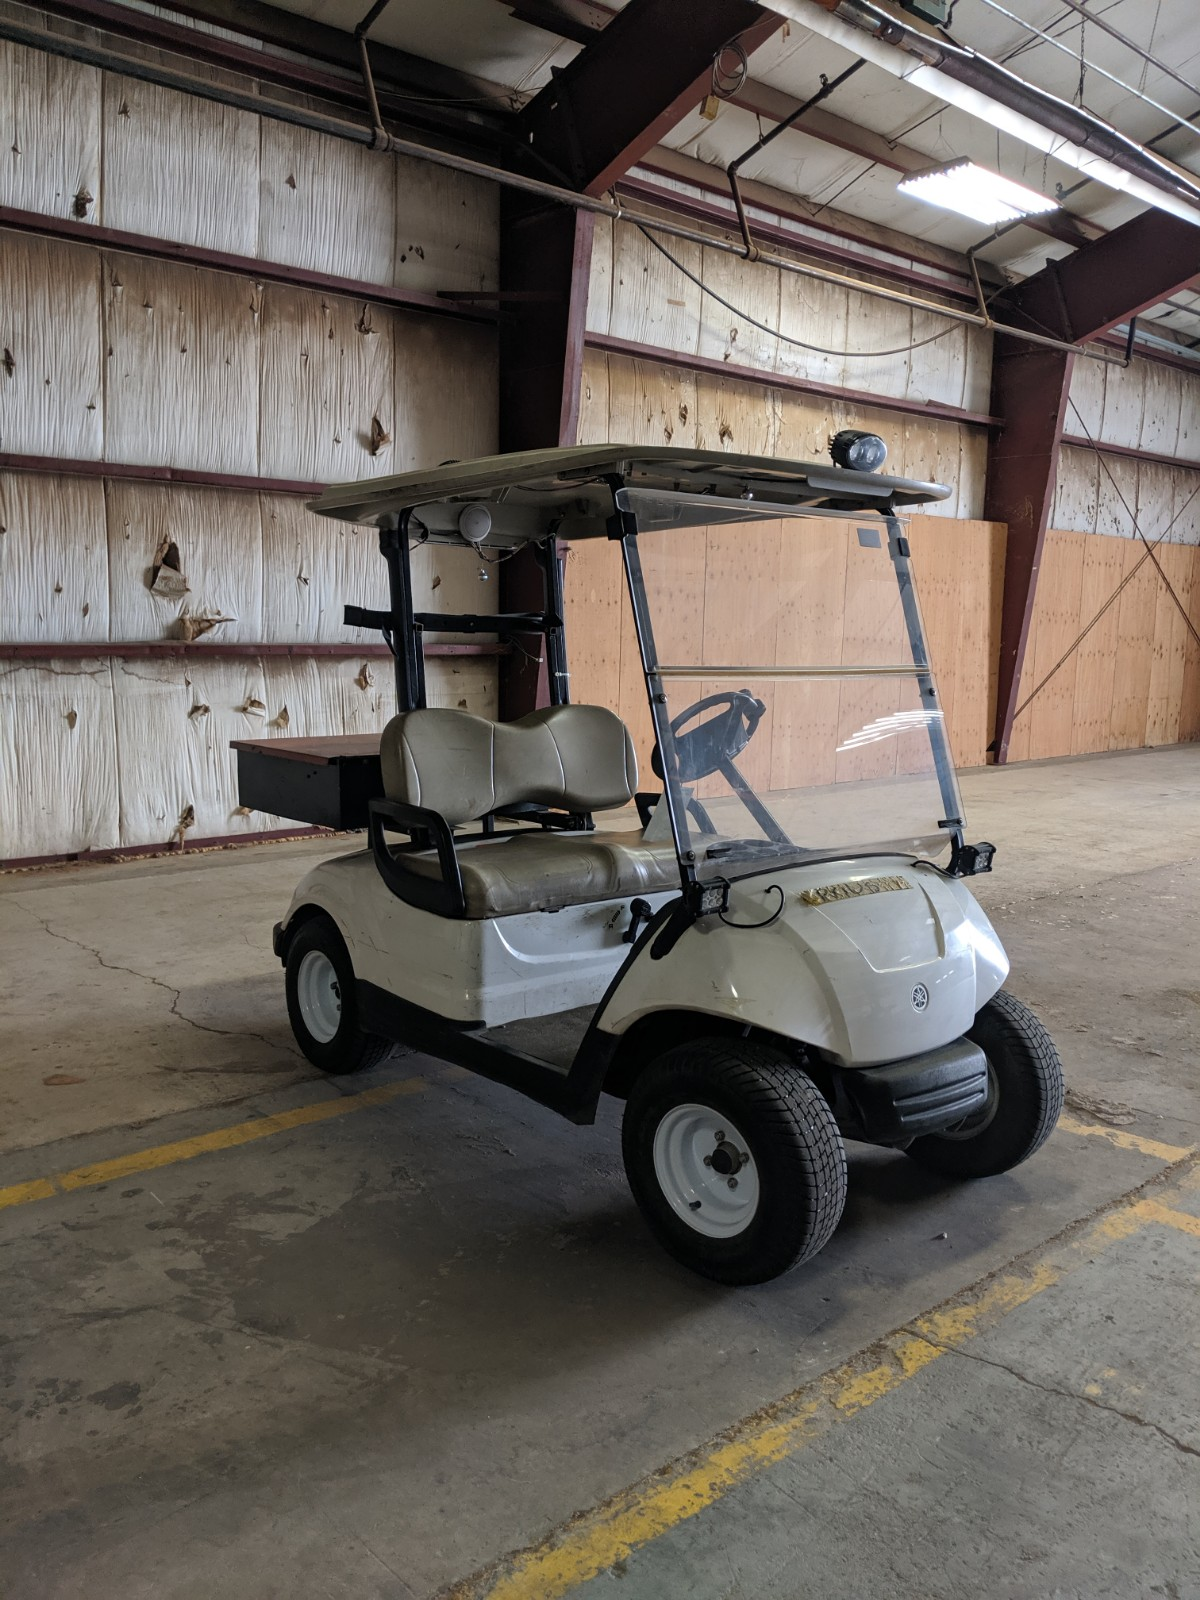 Lot 367 - 2008 Yamaha Golf Cart